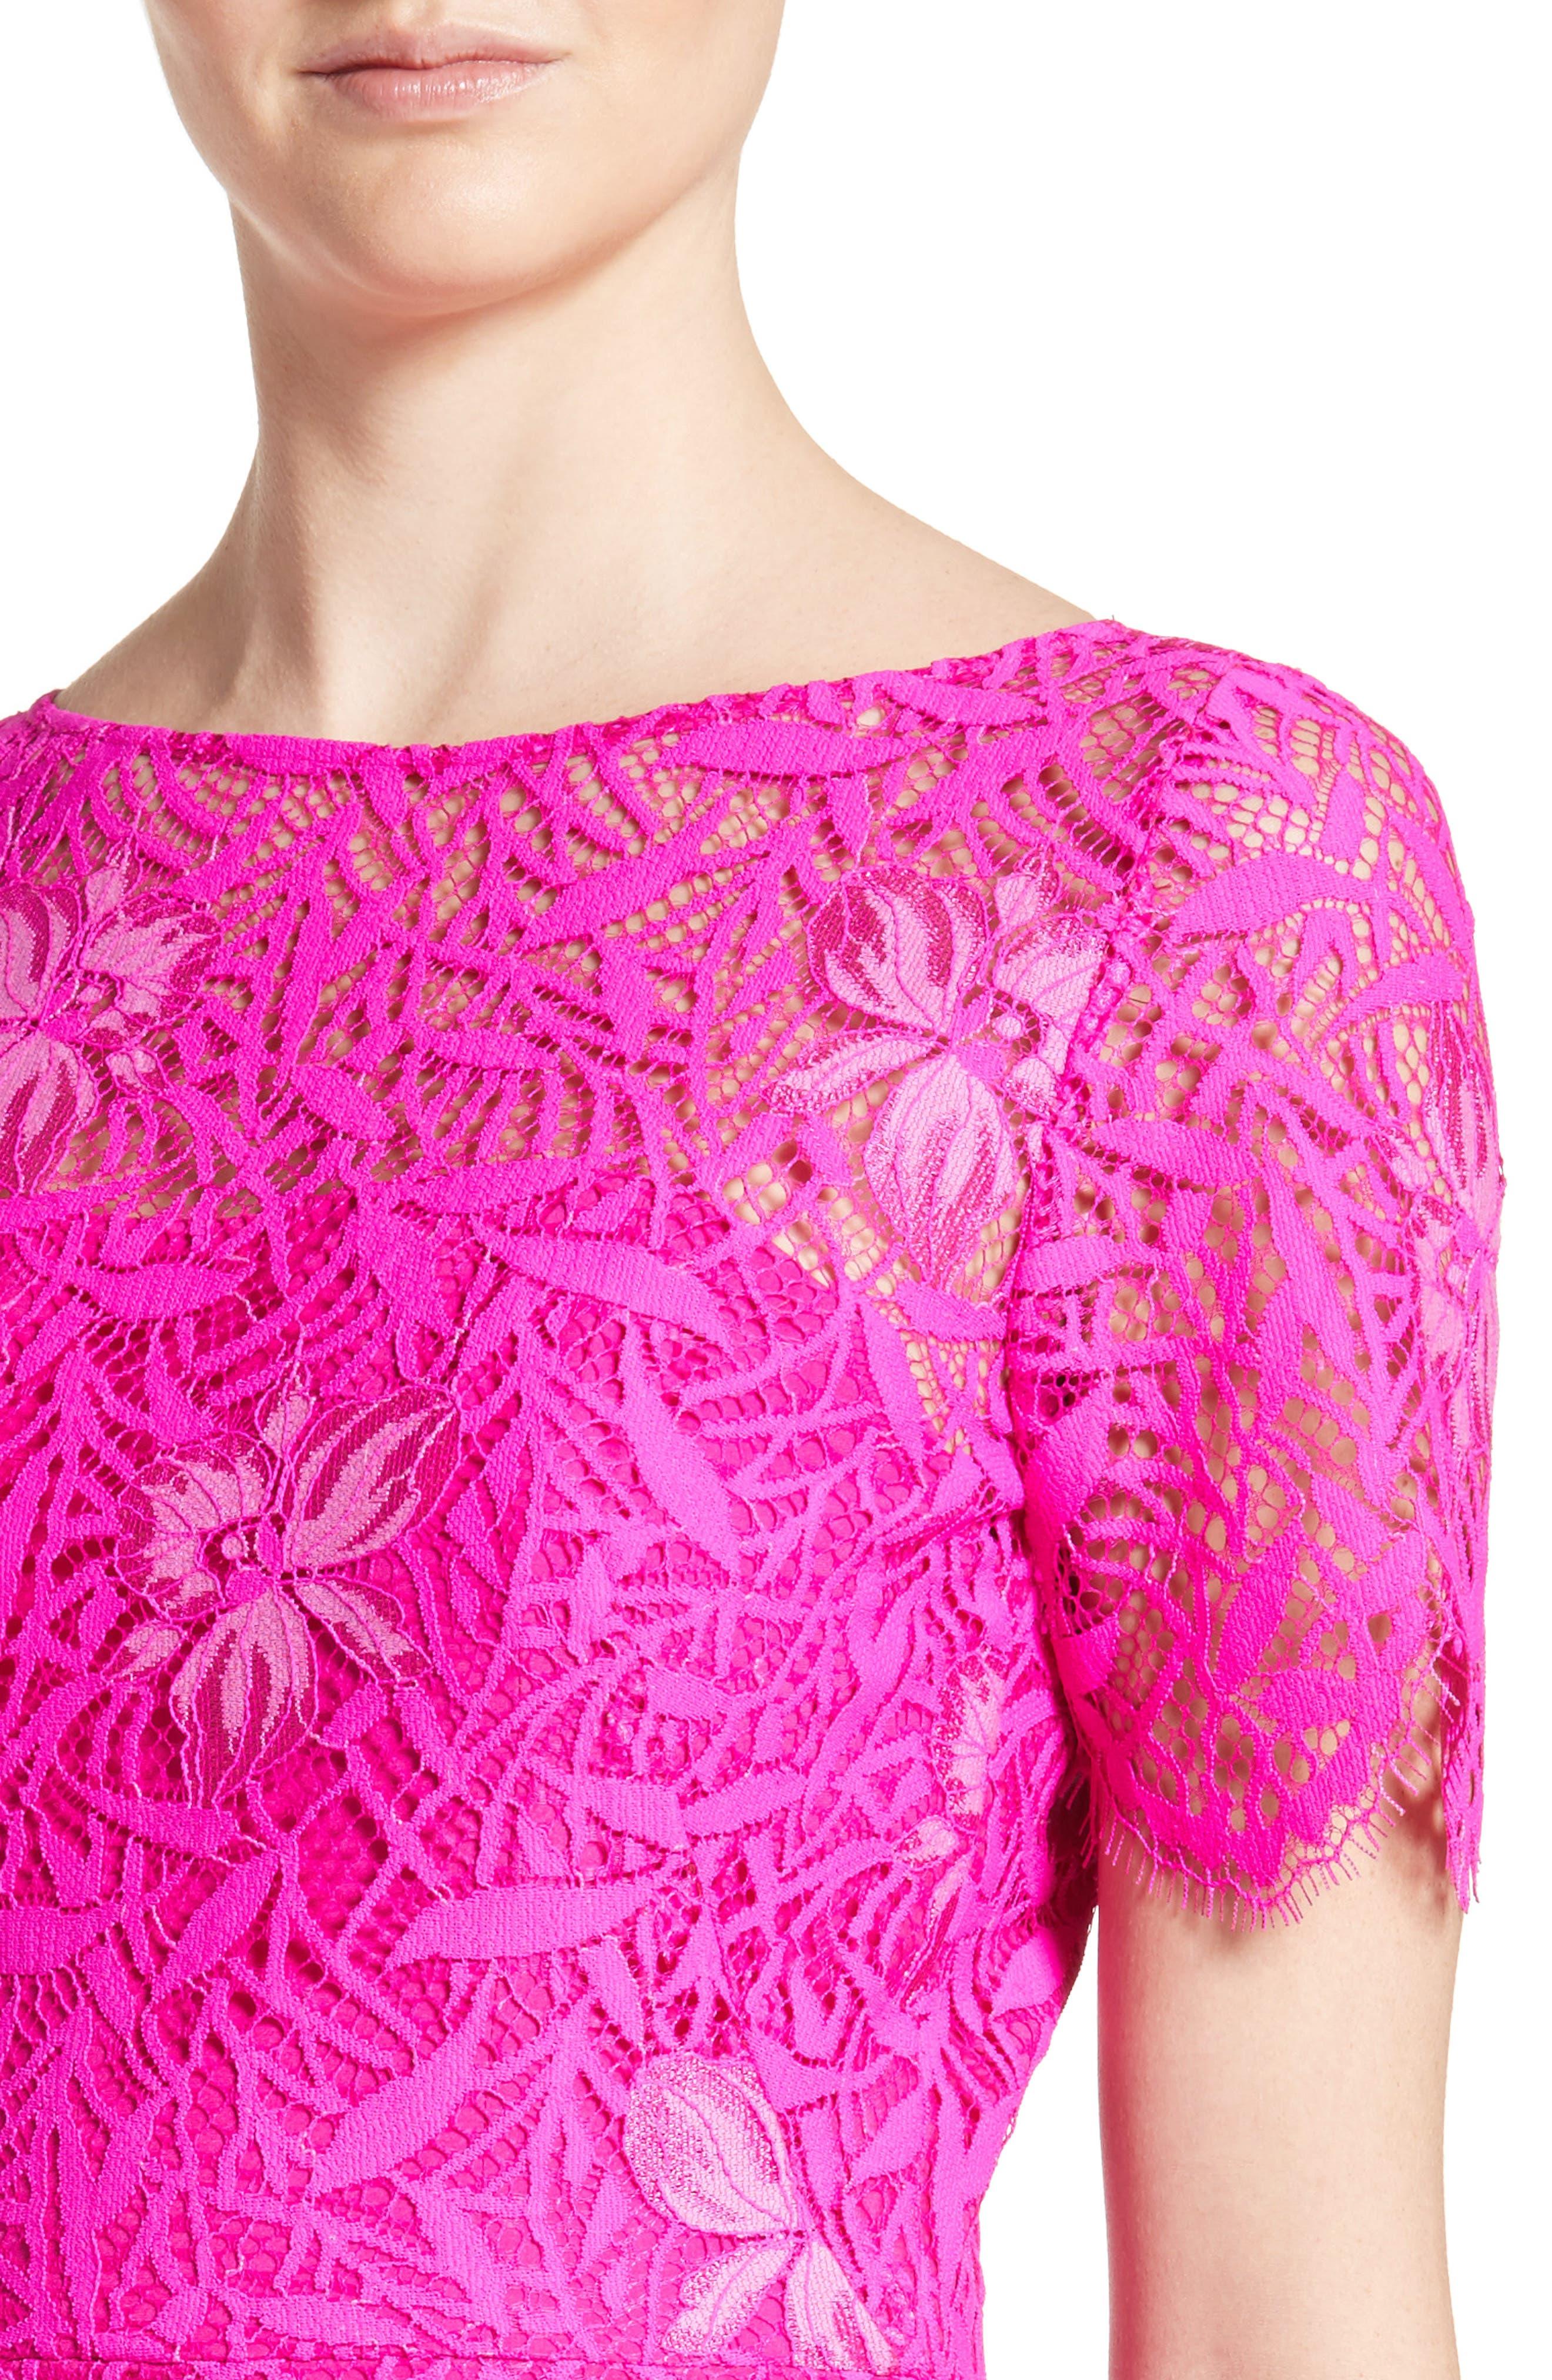 Floral Lace Sheath Dress,                             Alternate thumbnail 4, color,                             659